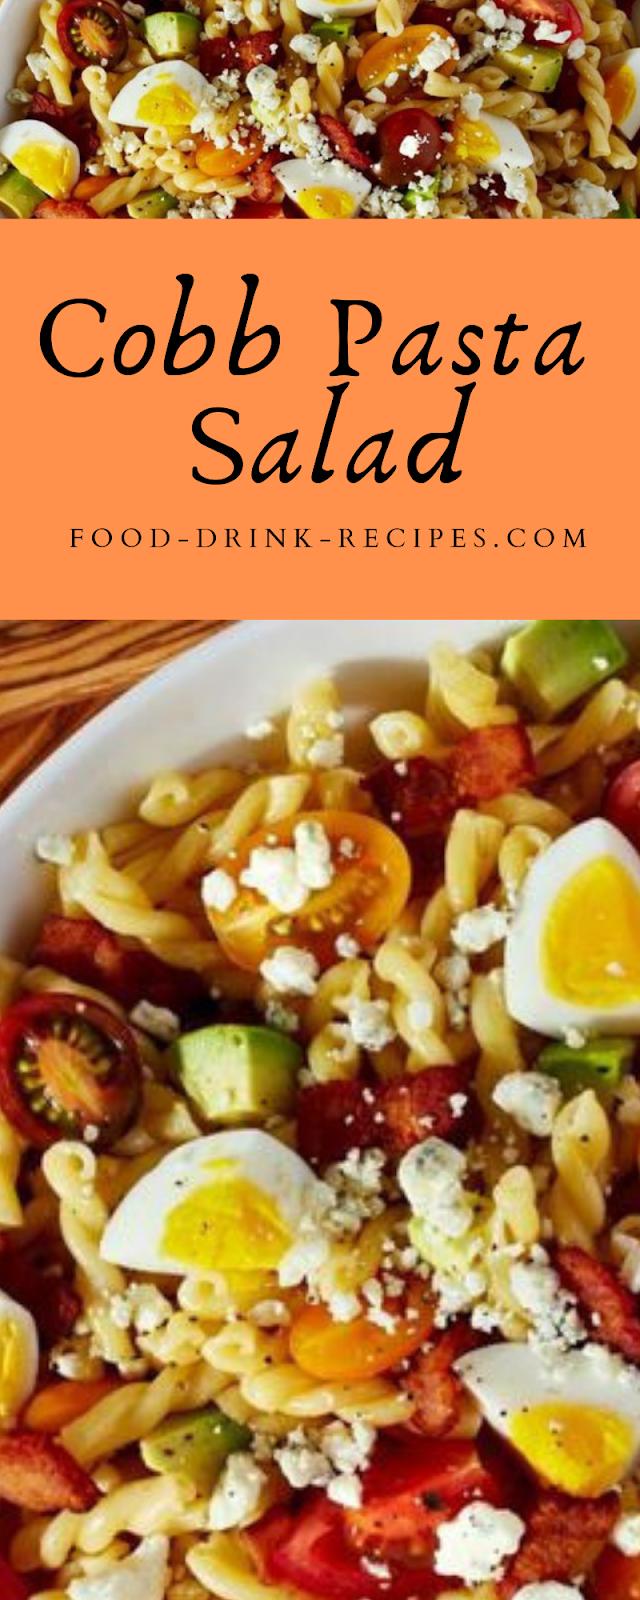 Cobb Pasta Salad - food-drink-recipes.com